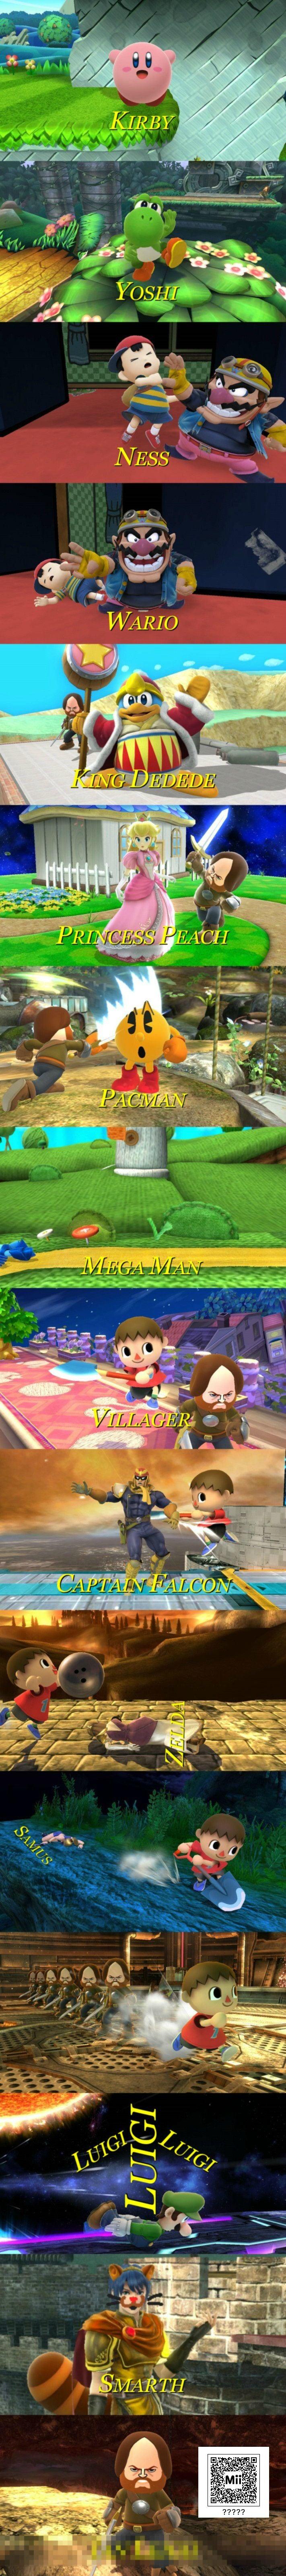 Too Many Super Smash Bros.